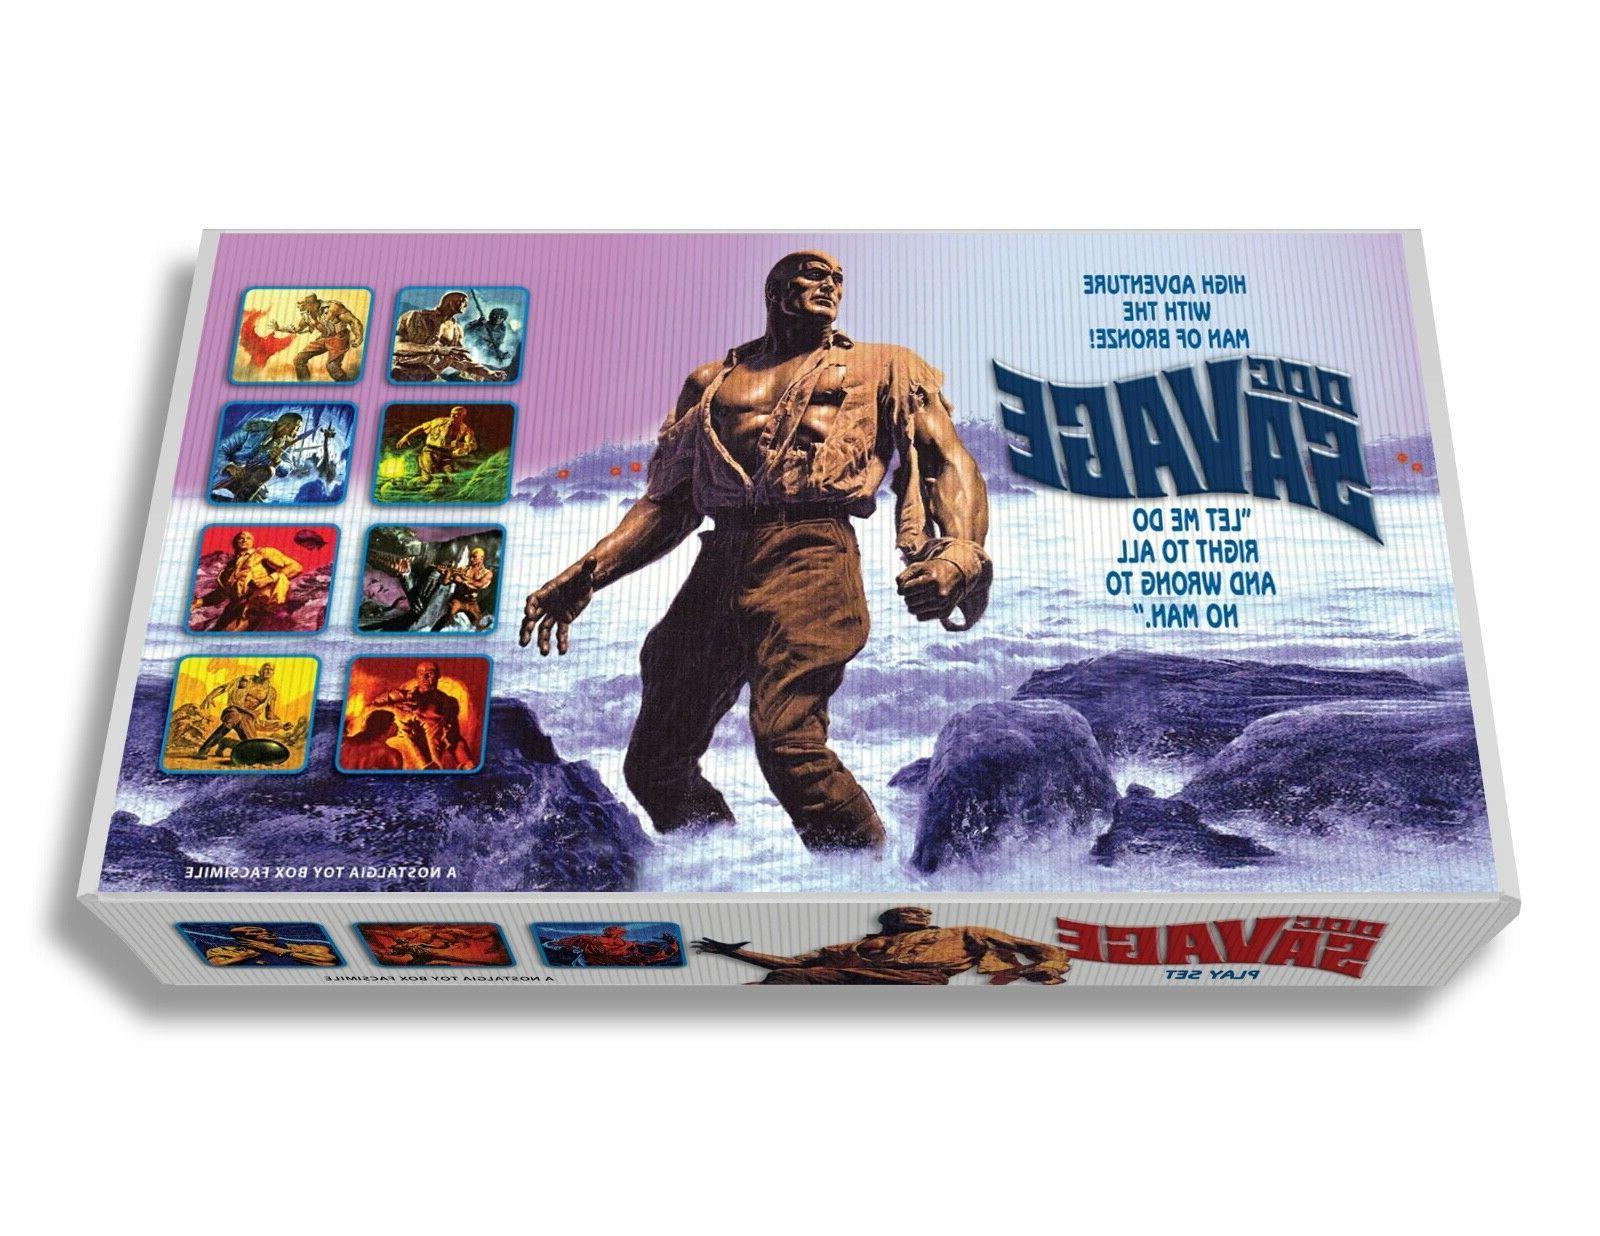 marx doc savage play set box